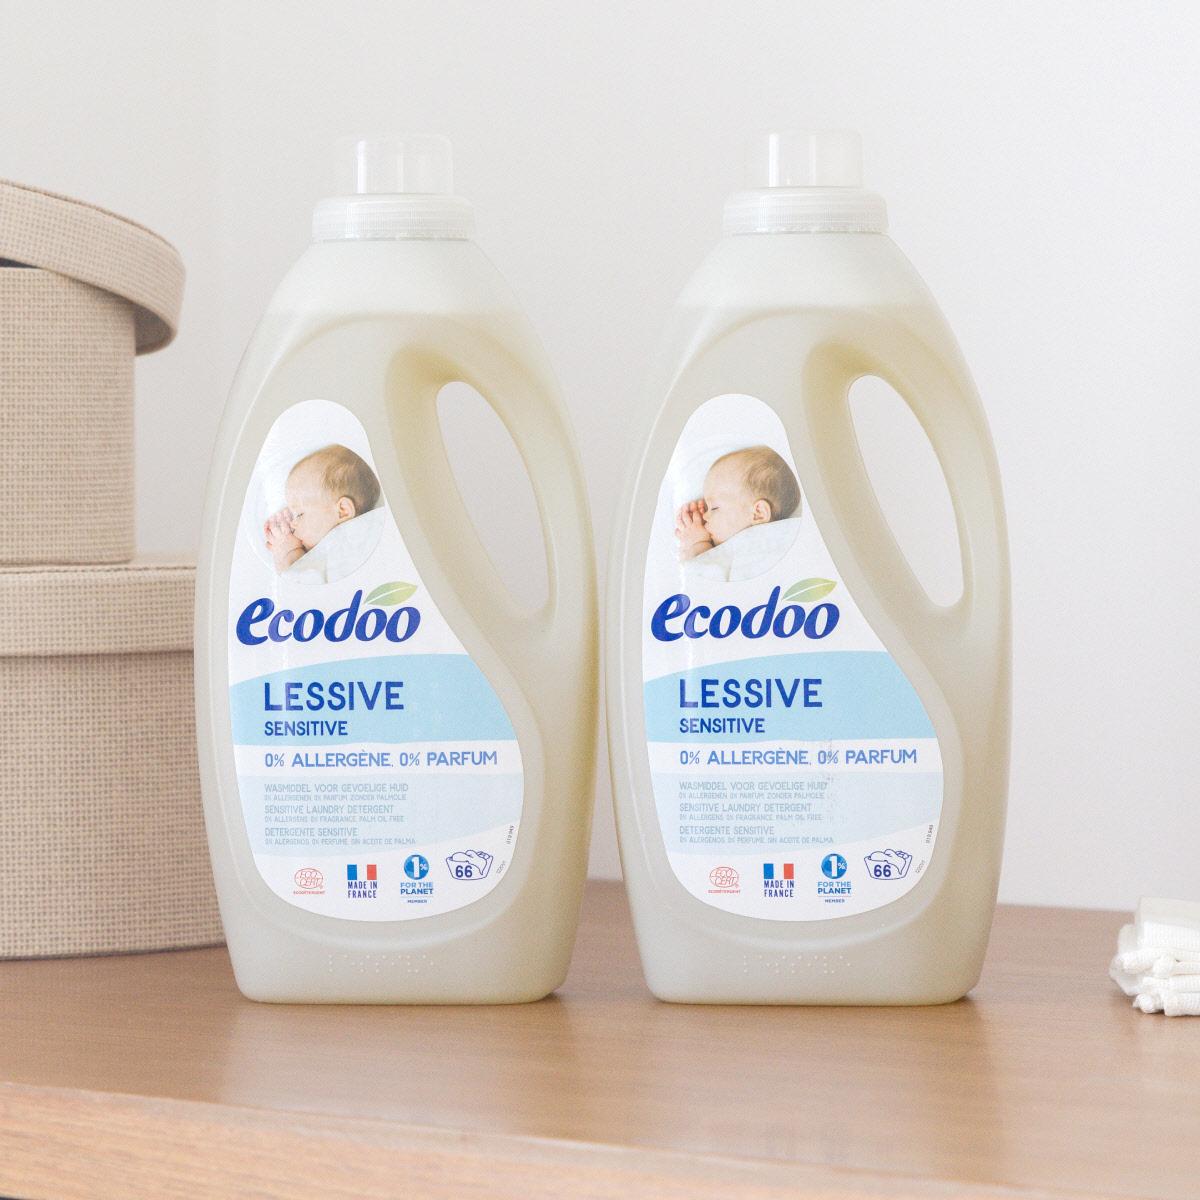 [에코두] 유아 액상 세탁세제 무향 1.5L x 2개